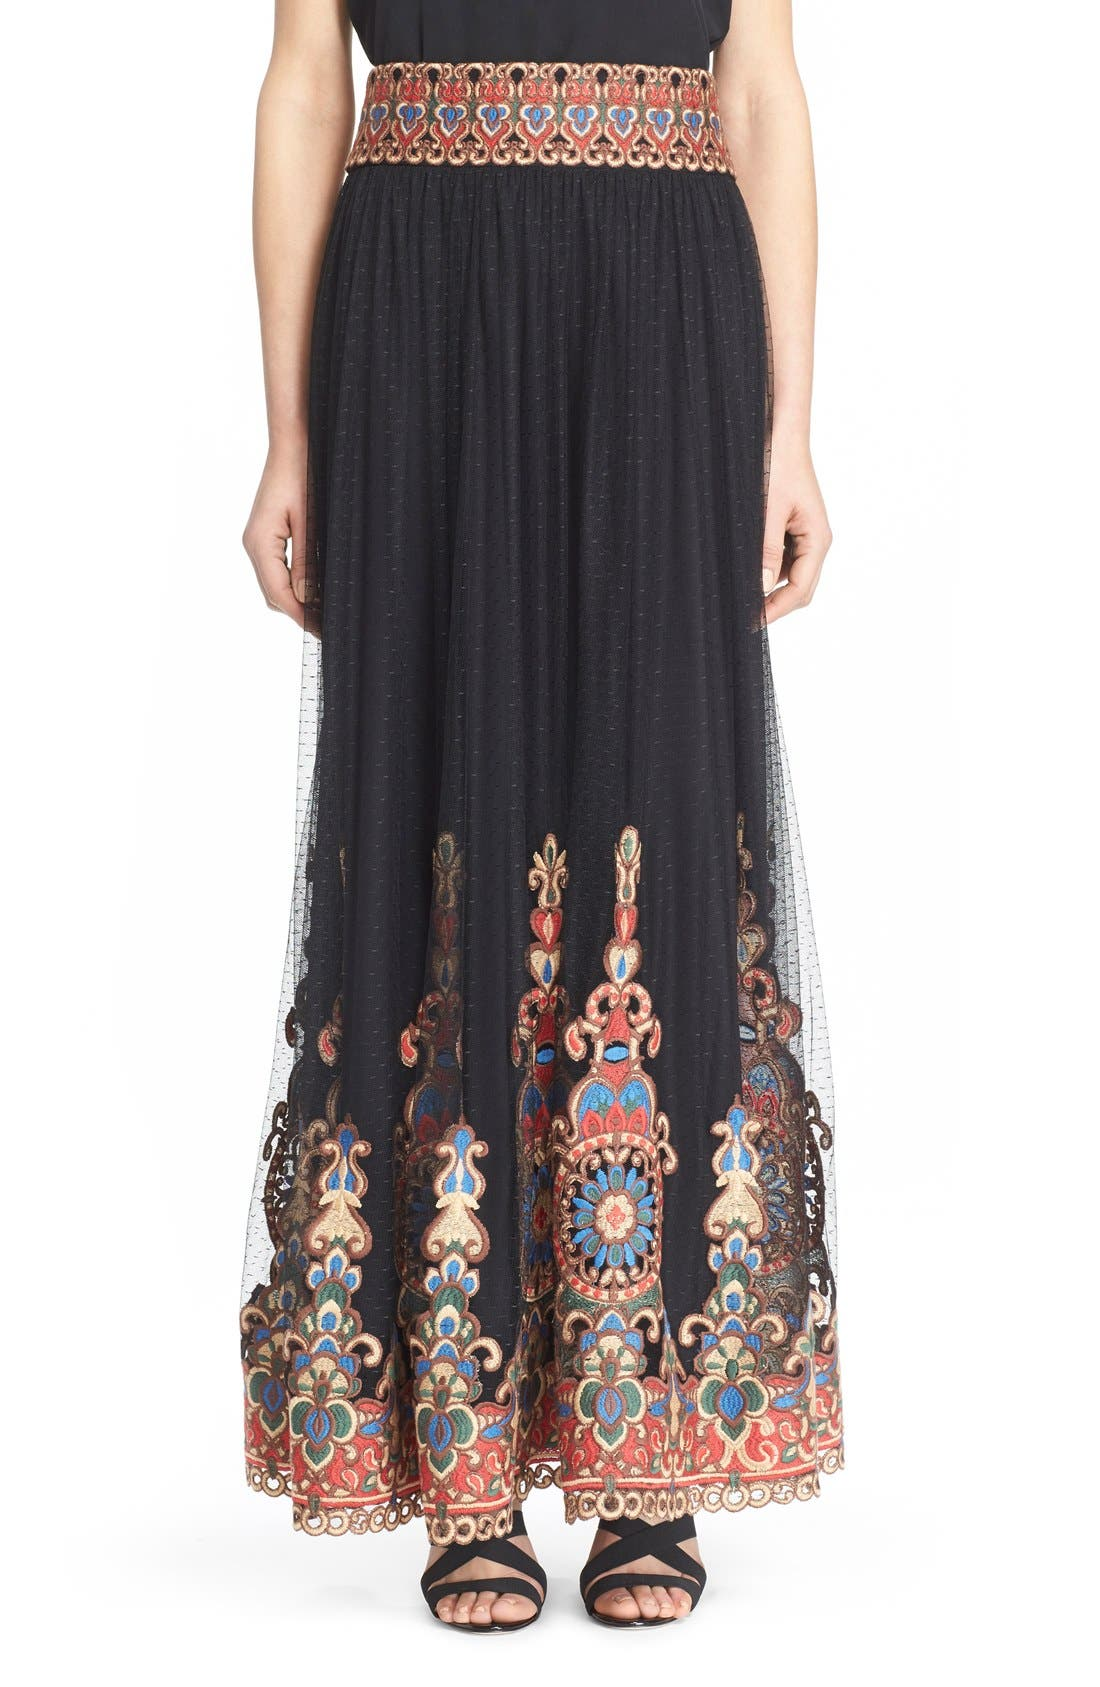 Alternate Image 1 Selected - Alice + Olivia 'Savanna' Embroidered Maxi Skirt